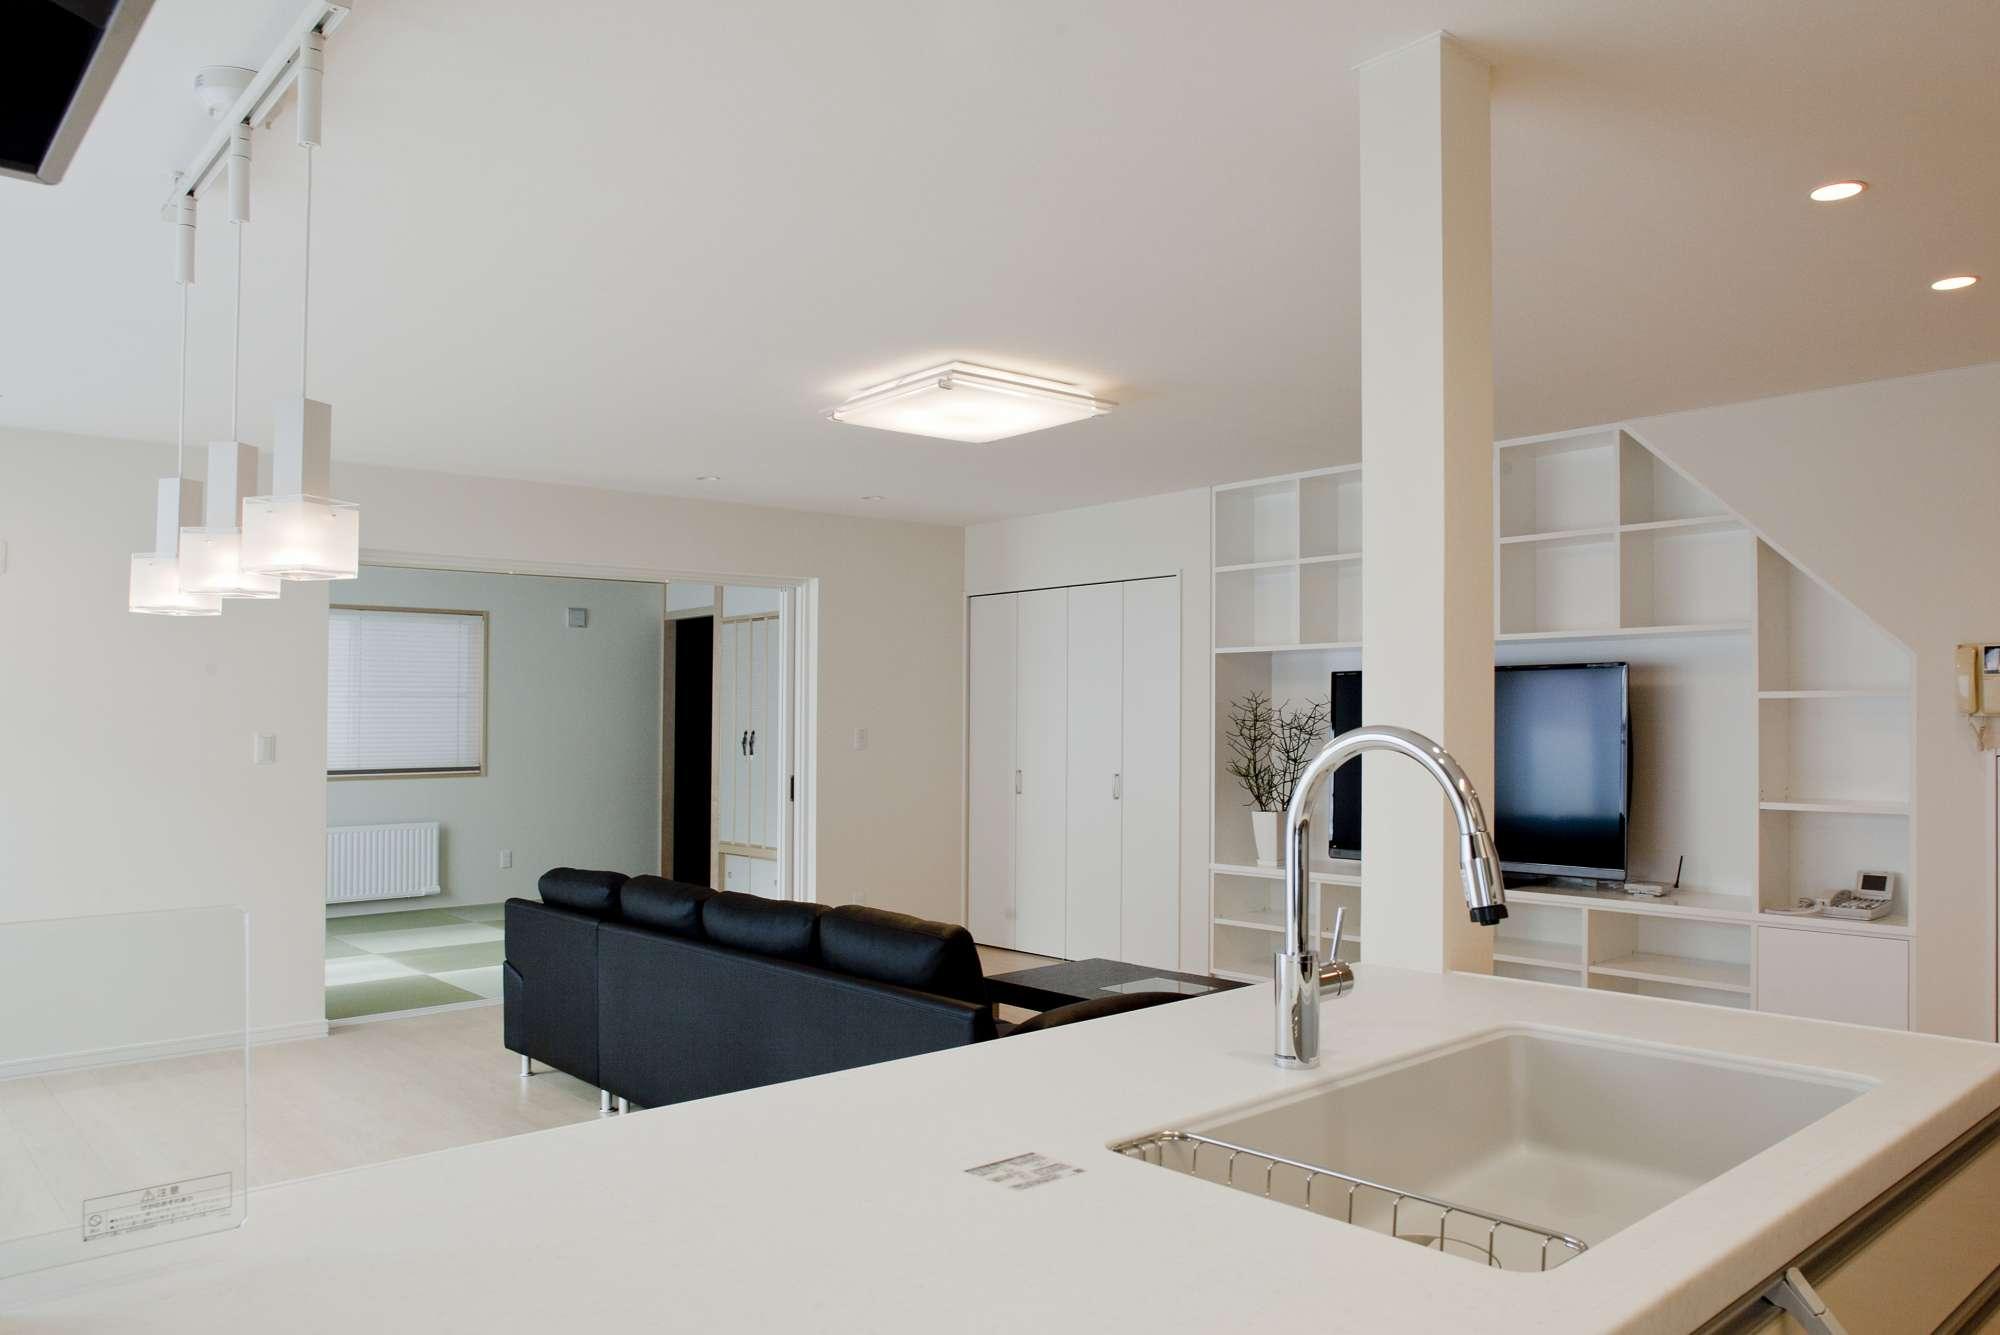 キッチンから開放的なフロアを見渡せて、気分よく家事ができる空間 -  -  -